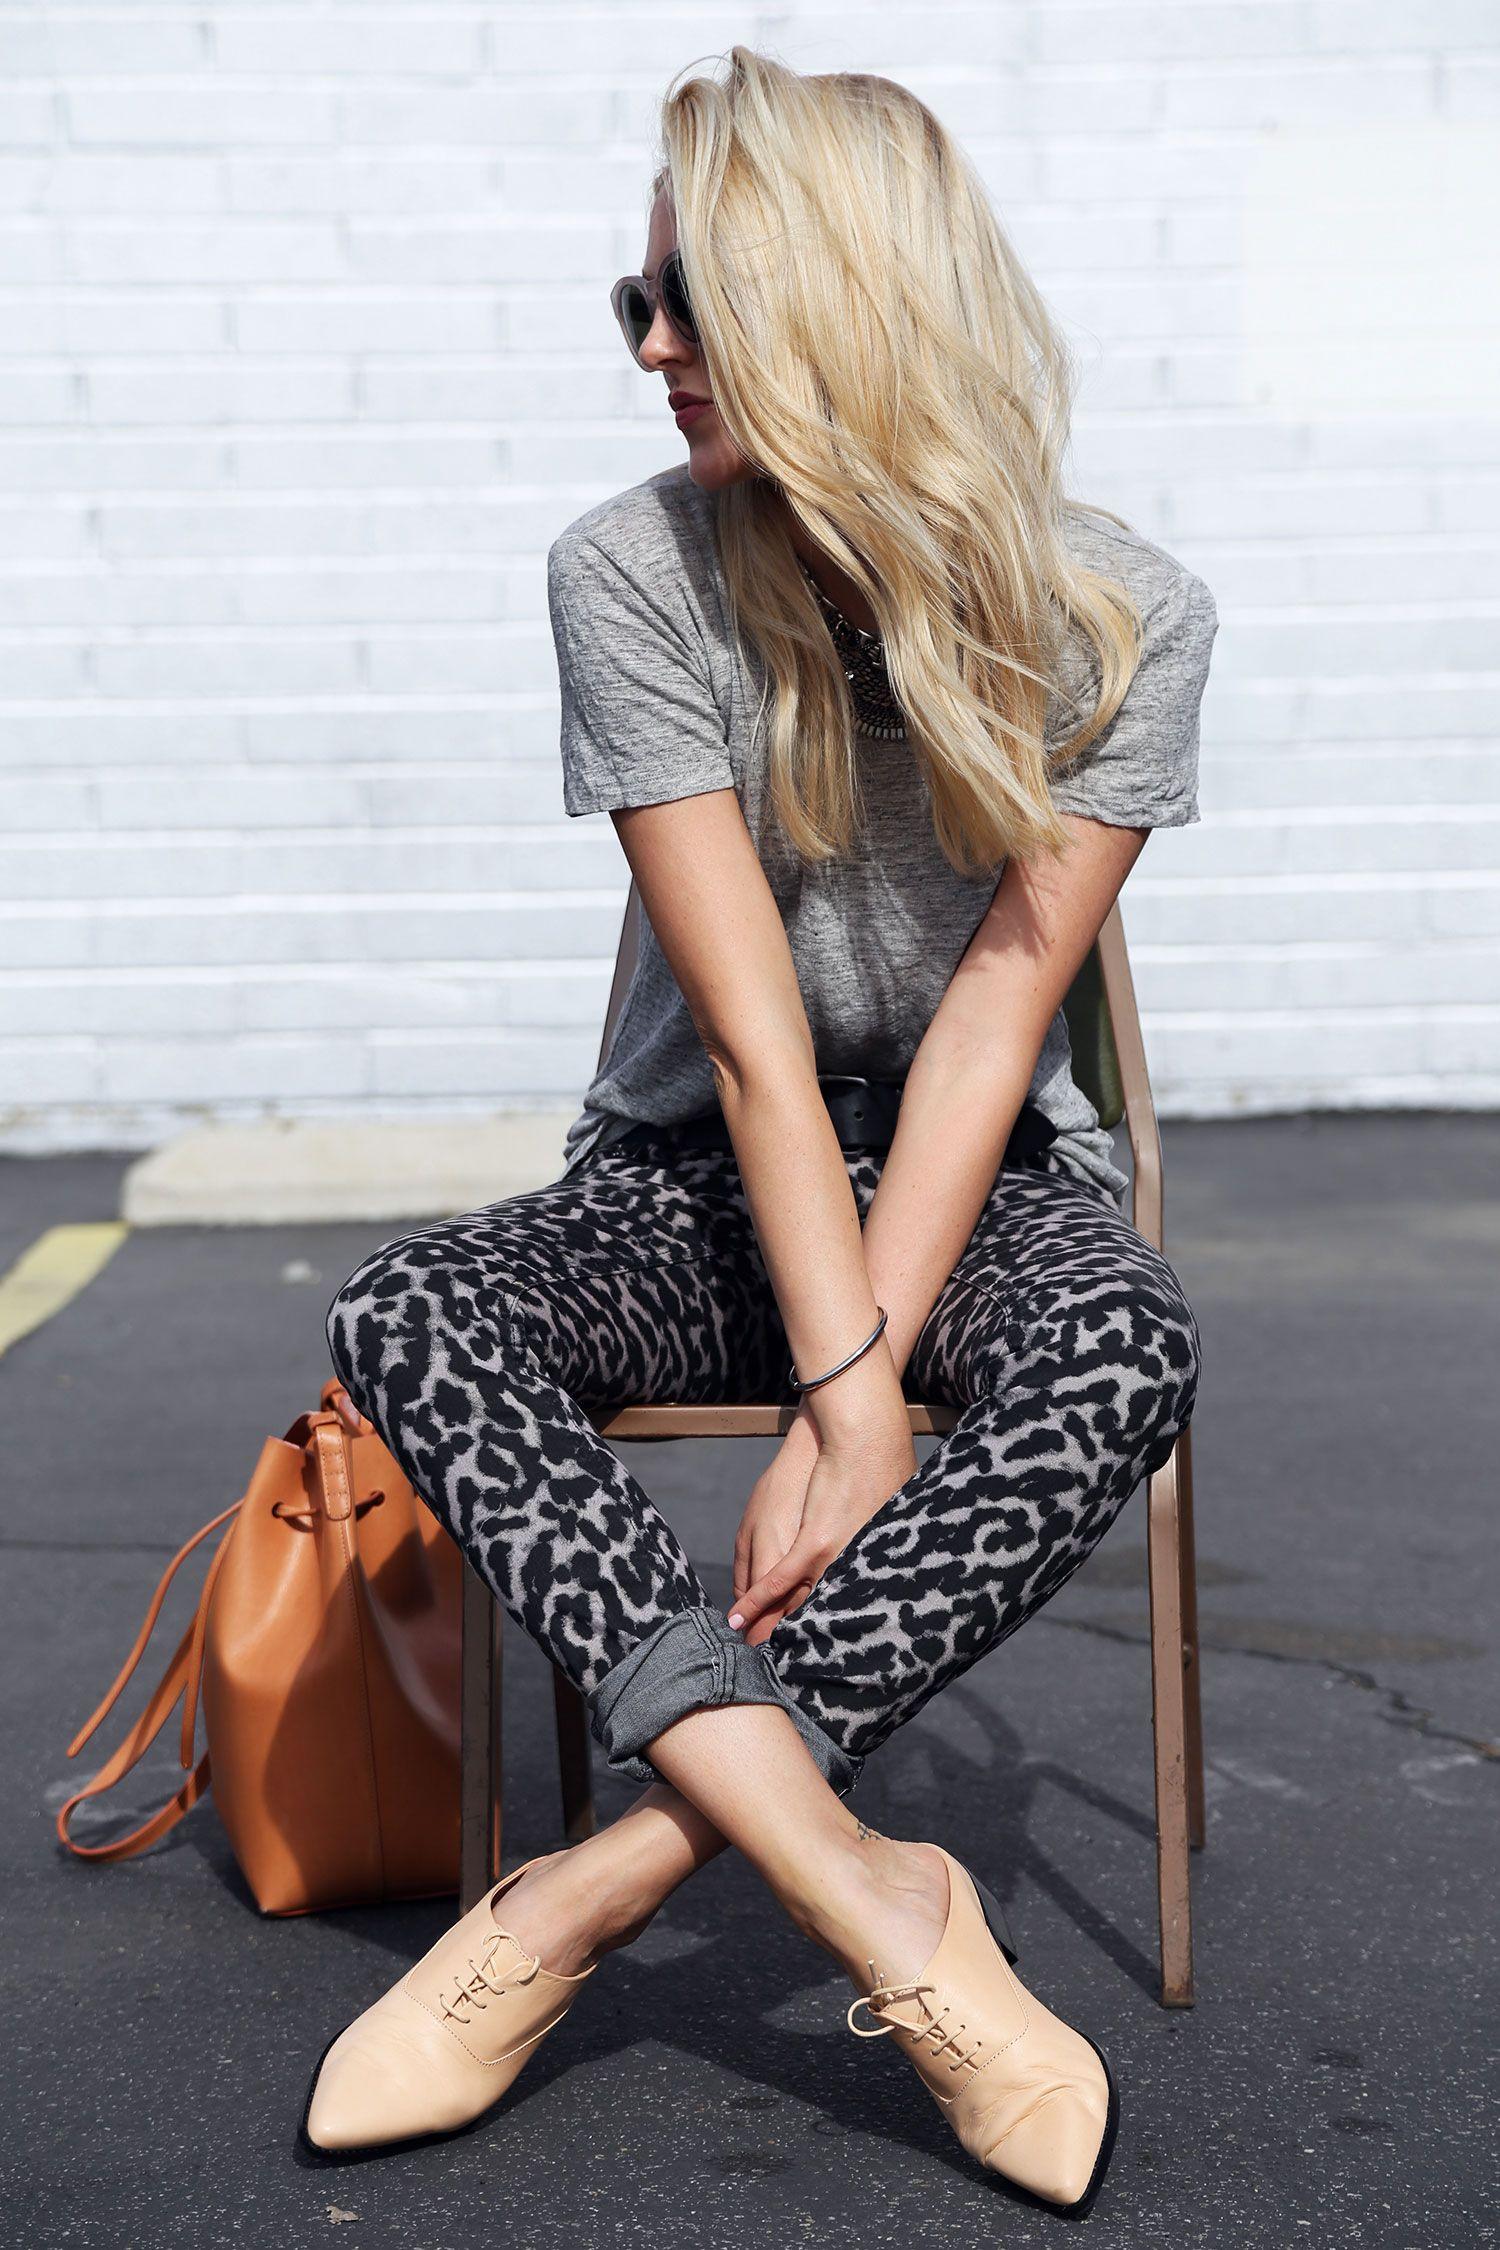 J'adore les chaussures et le pantalon!